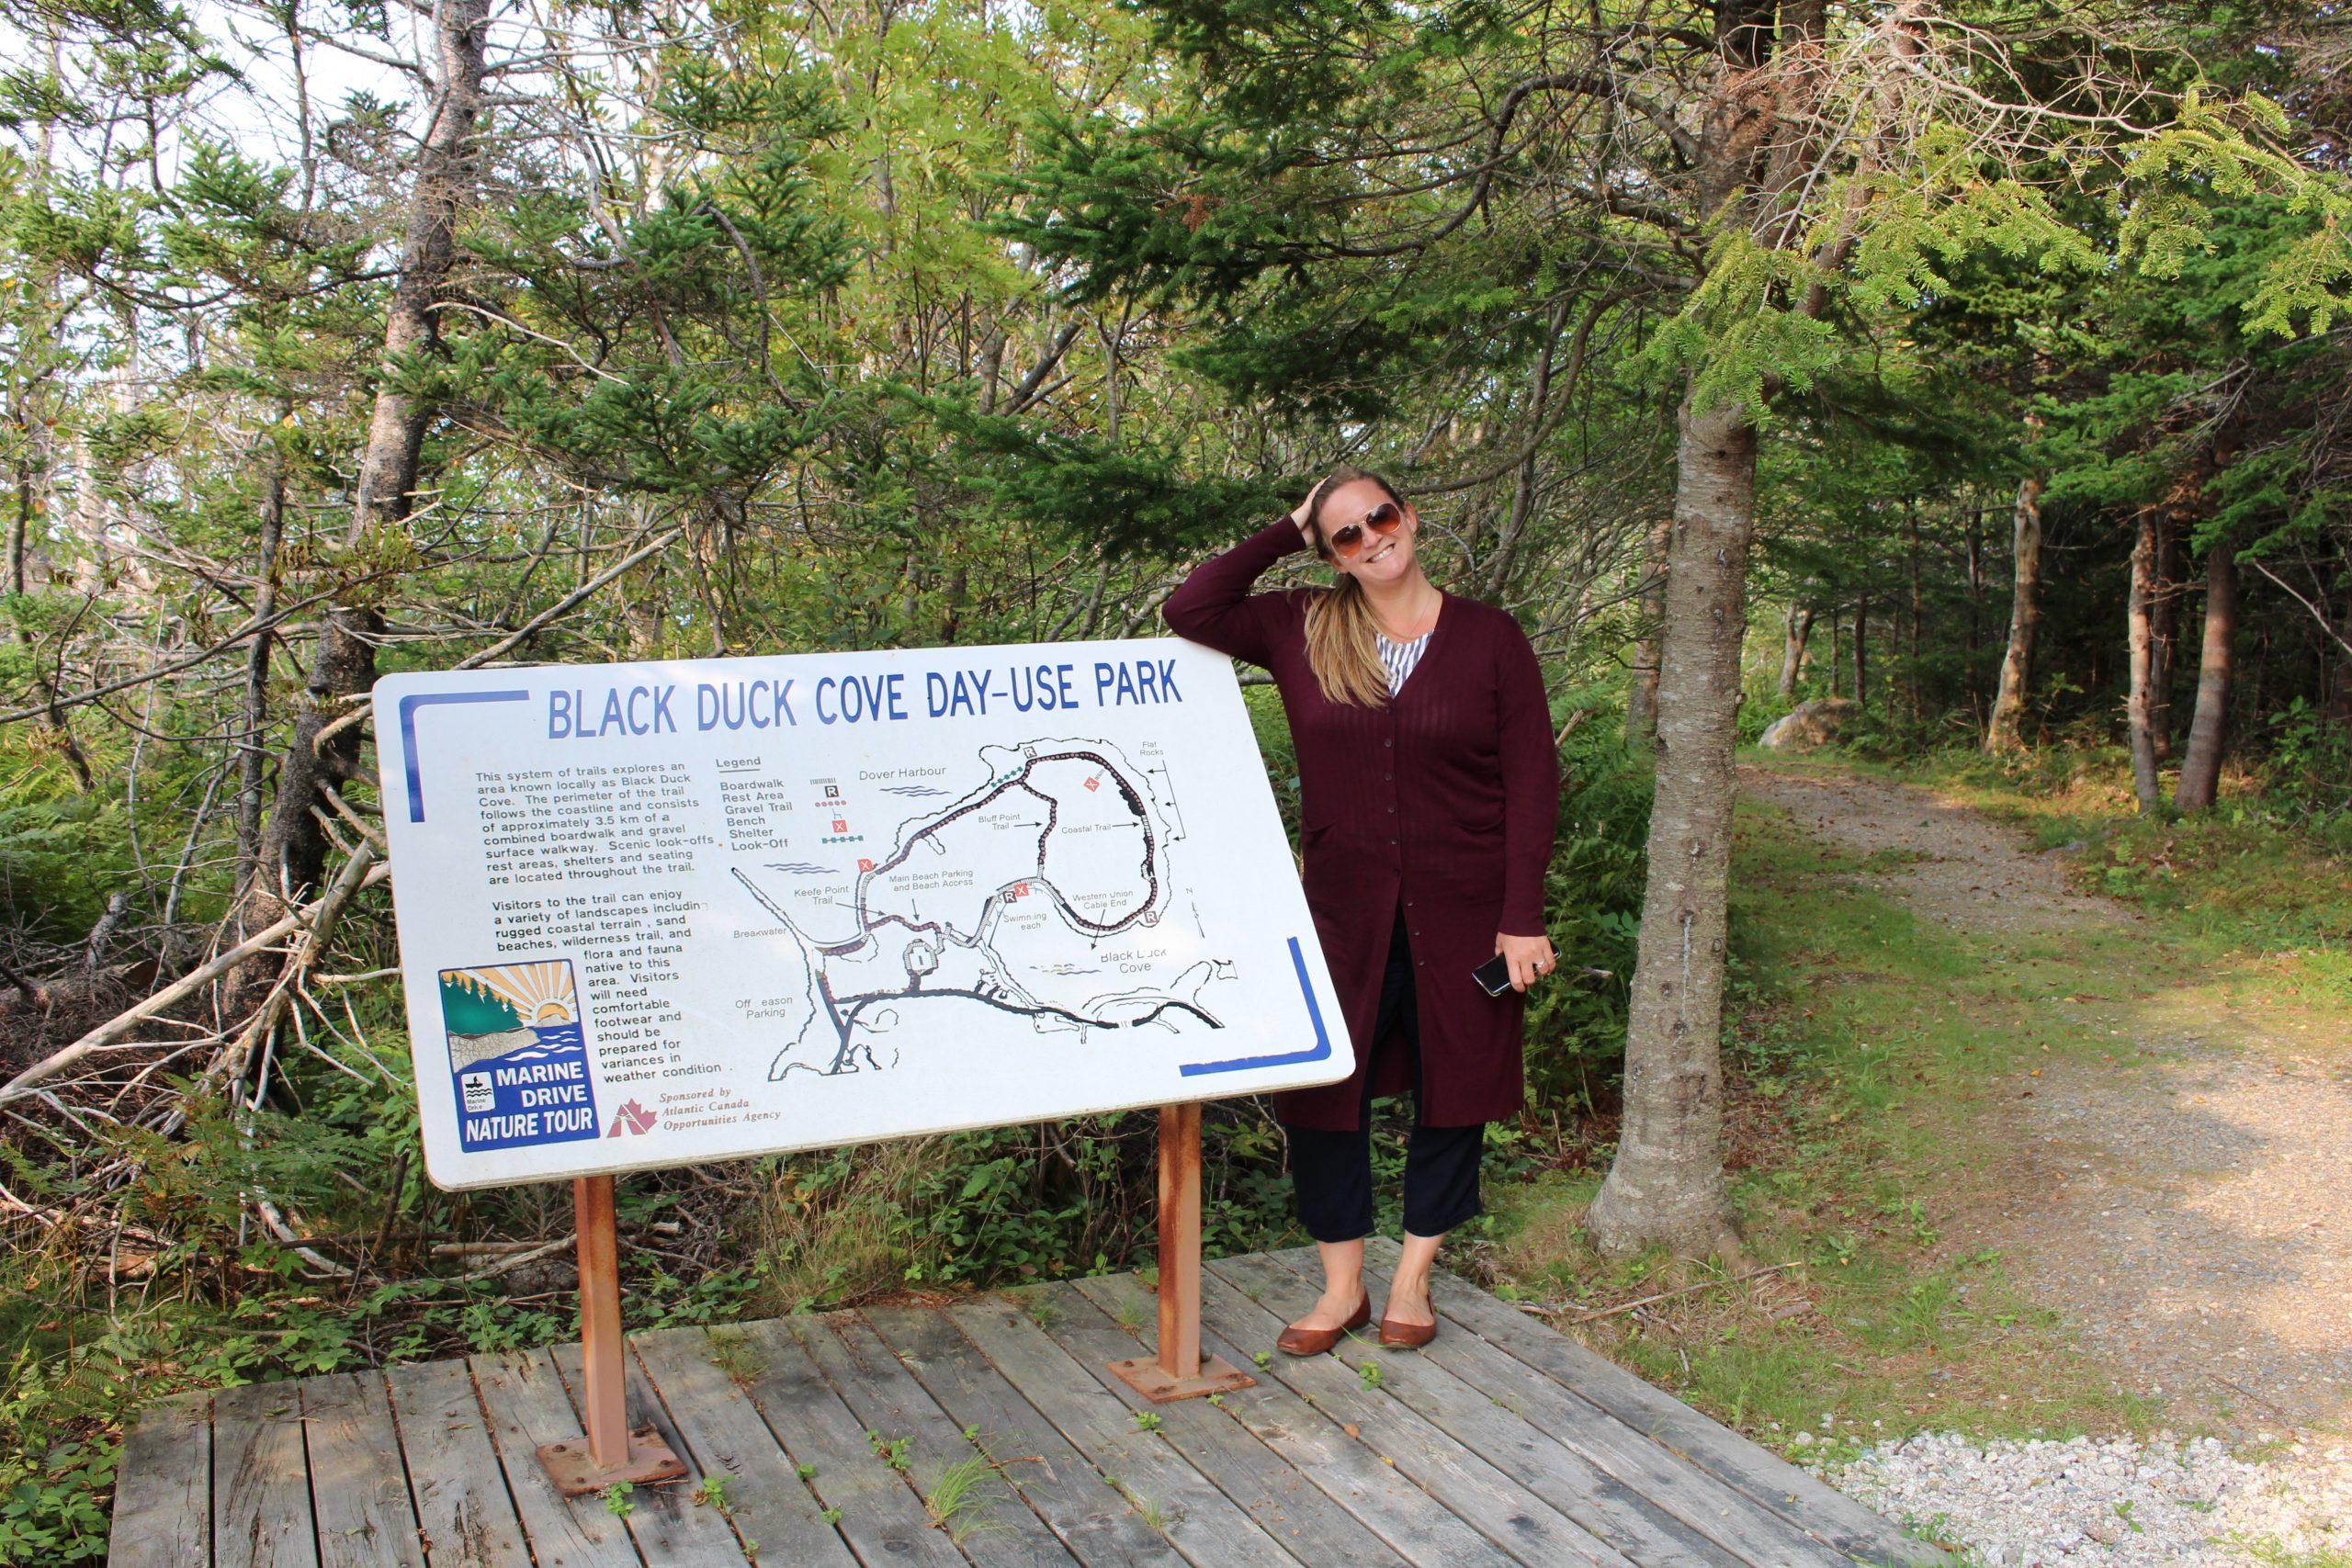 Black Duck Cove Hiking Trail